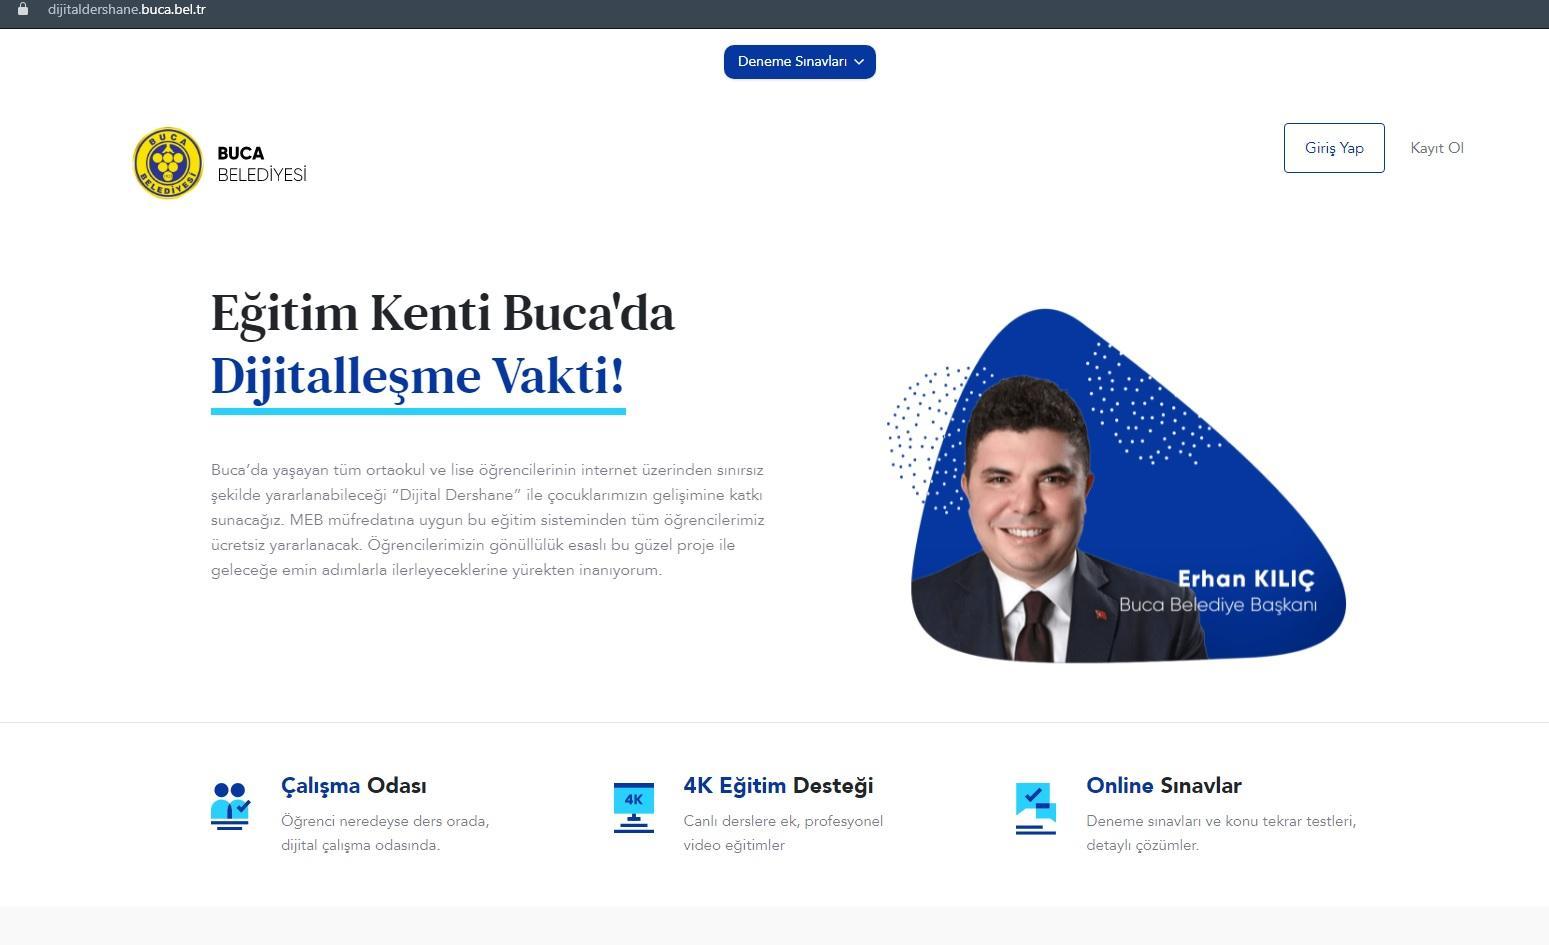 Buca Belediyesi Dijital Dershane (1)